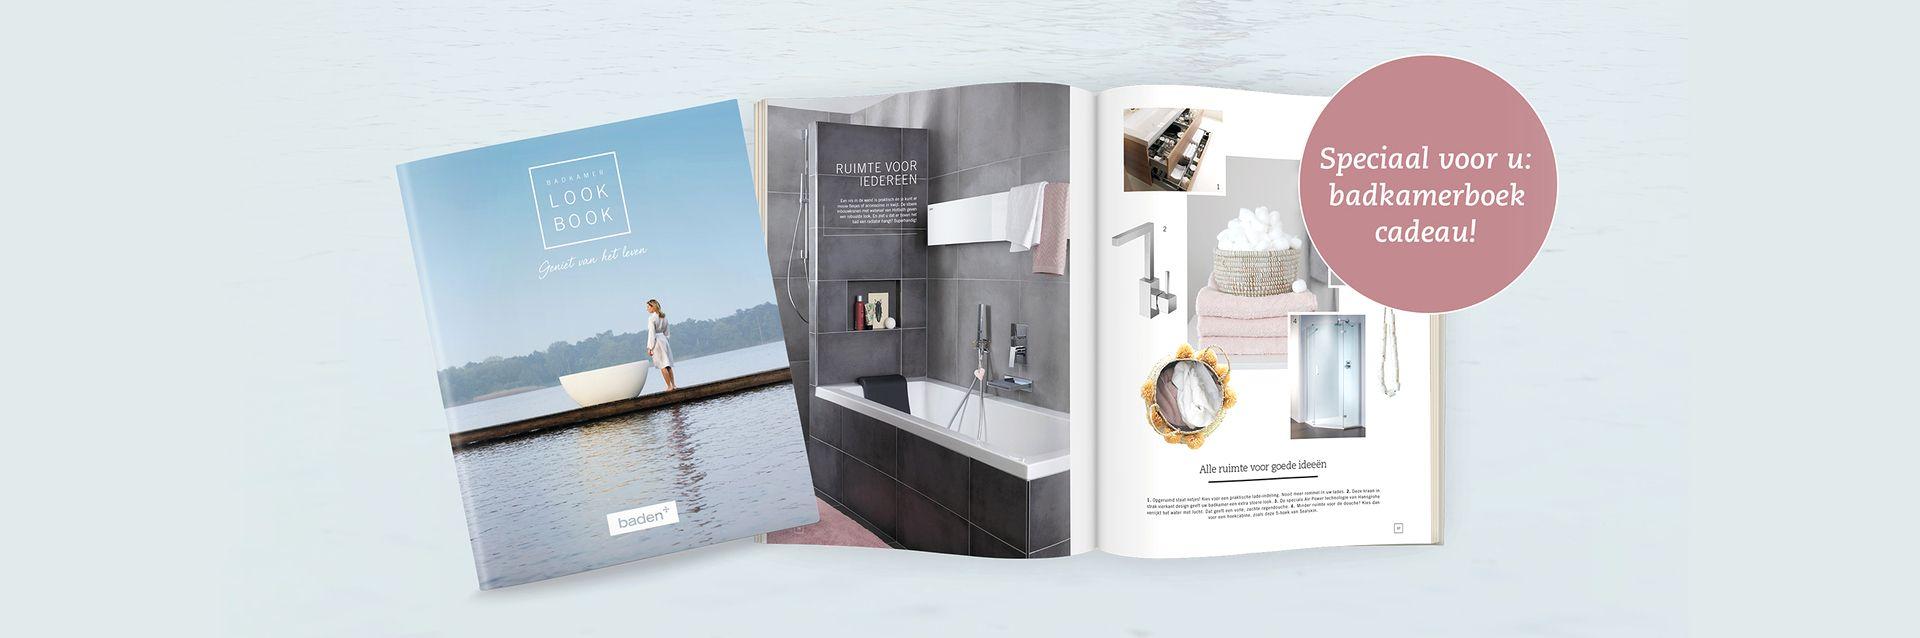 Baden+ badkamer inspiratieboek - Schasfoort tegels & badkamers ...